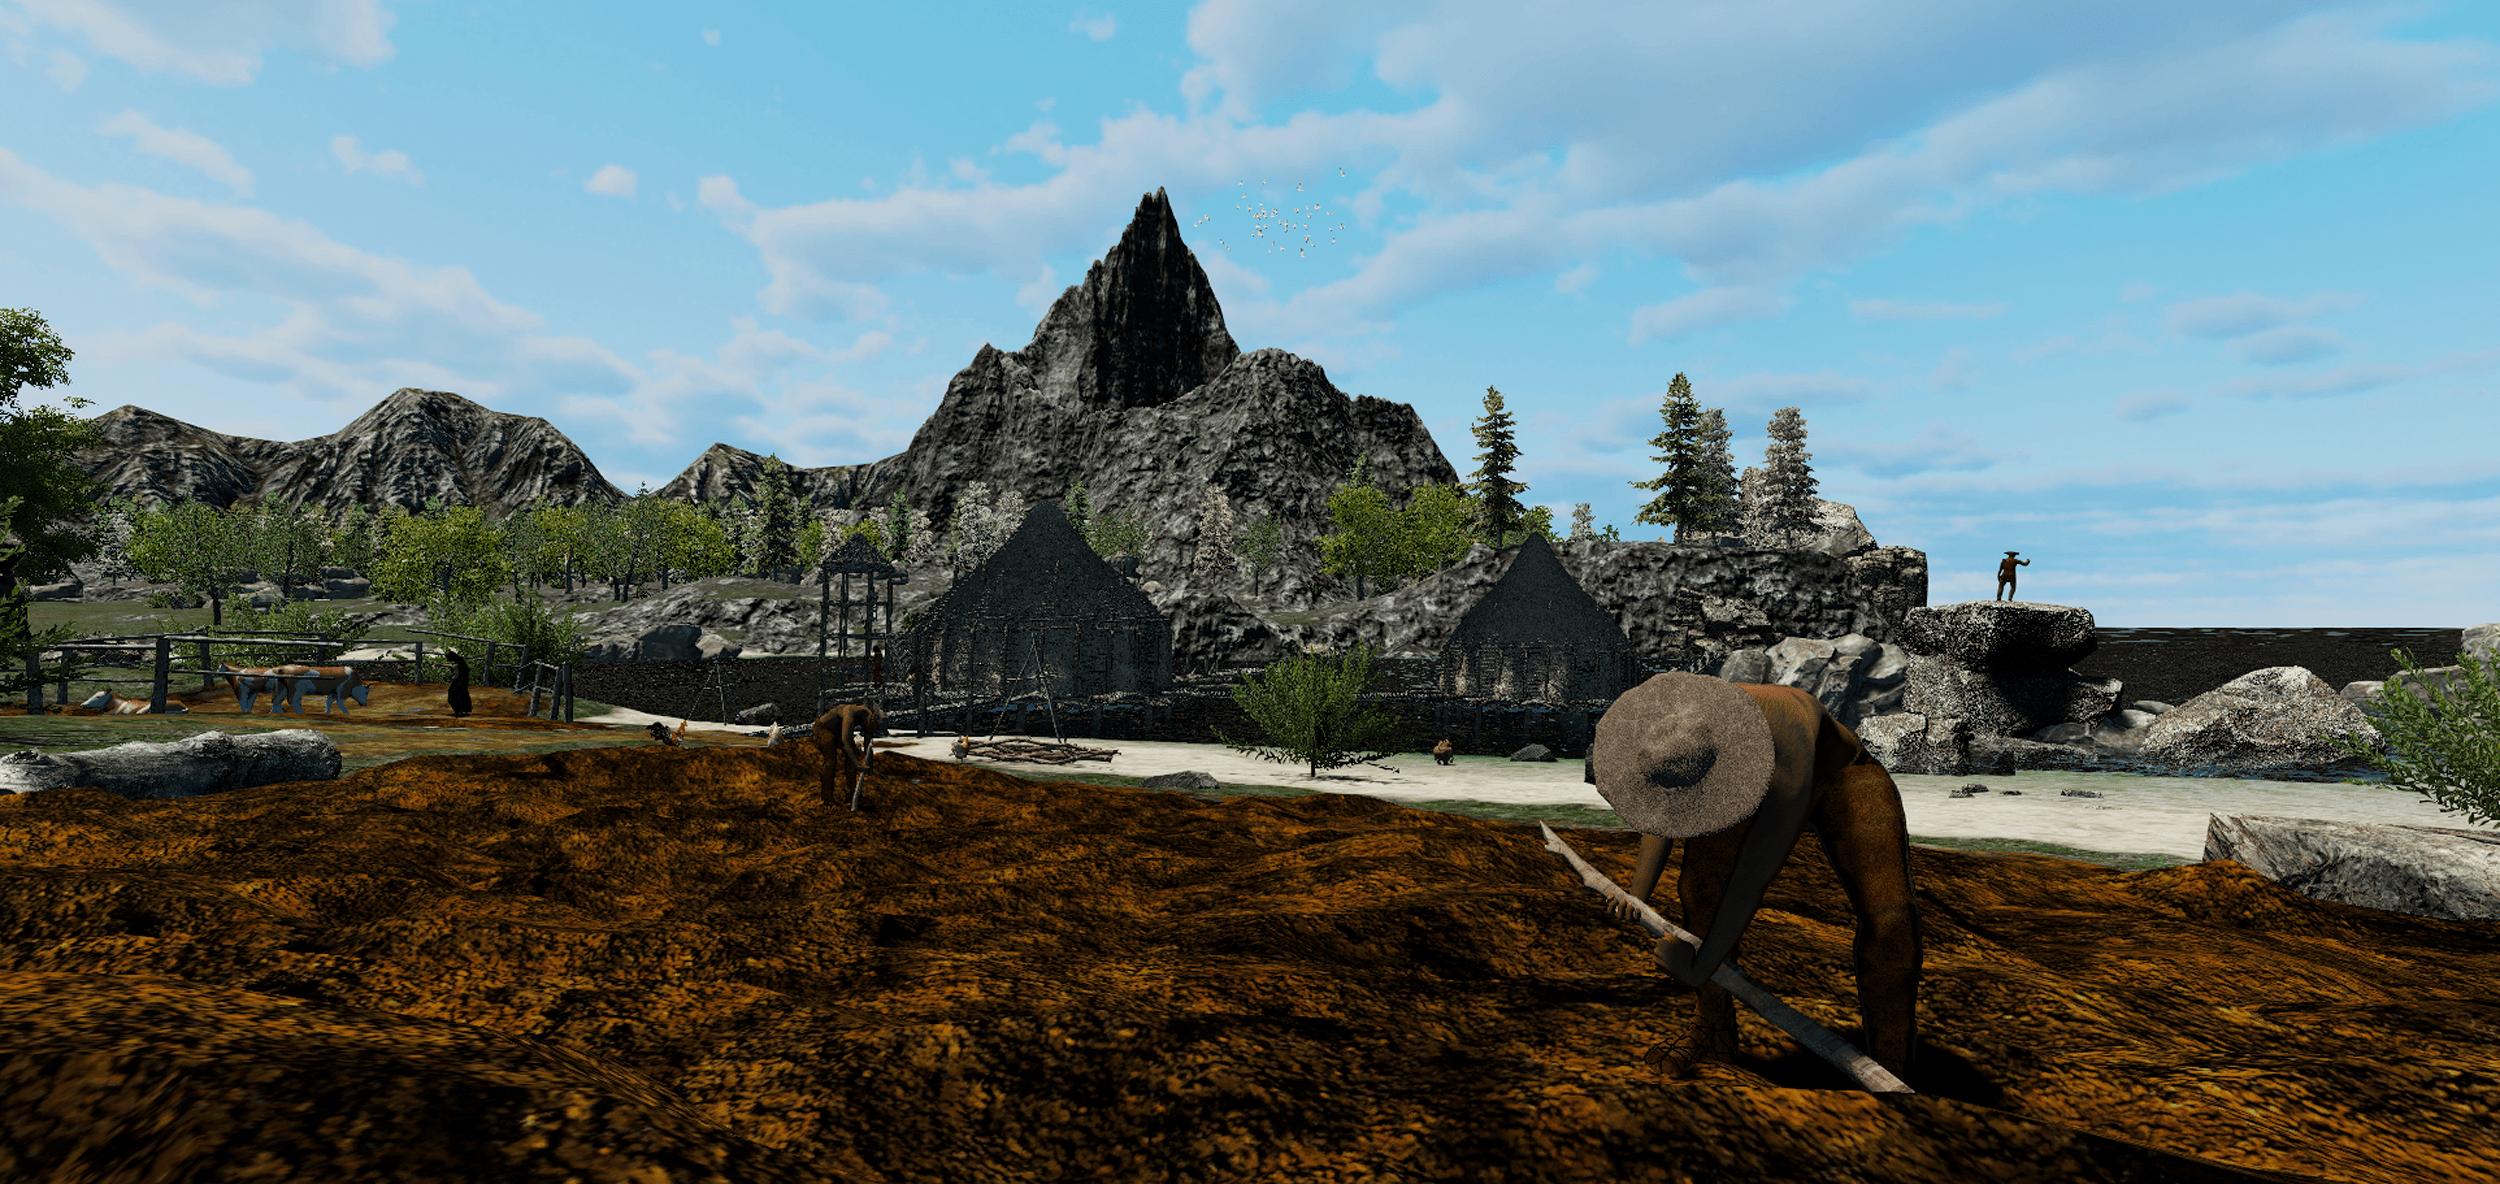 3D modeling - Prehistoric world - The Neolithic